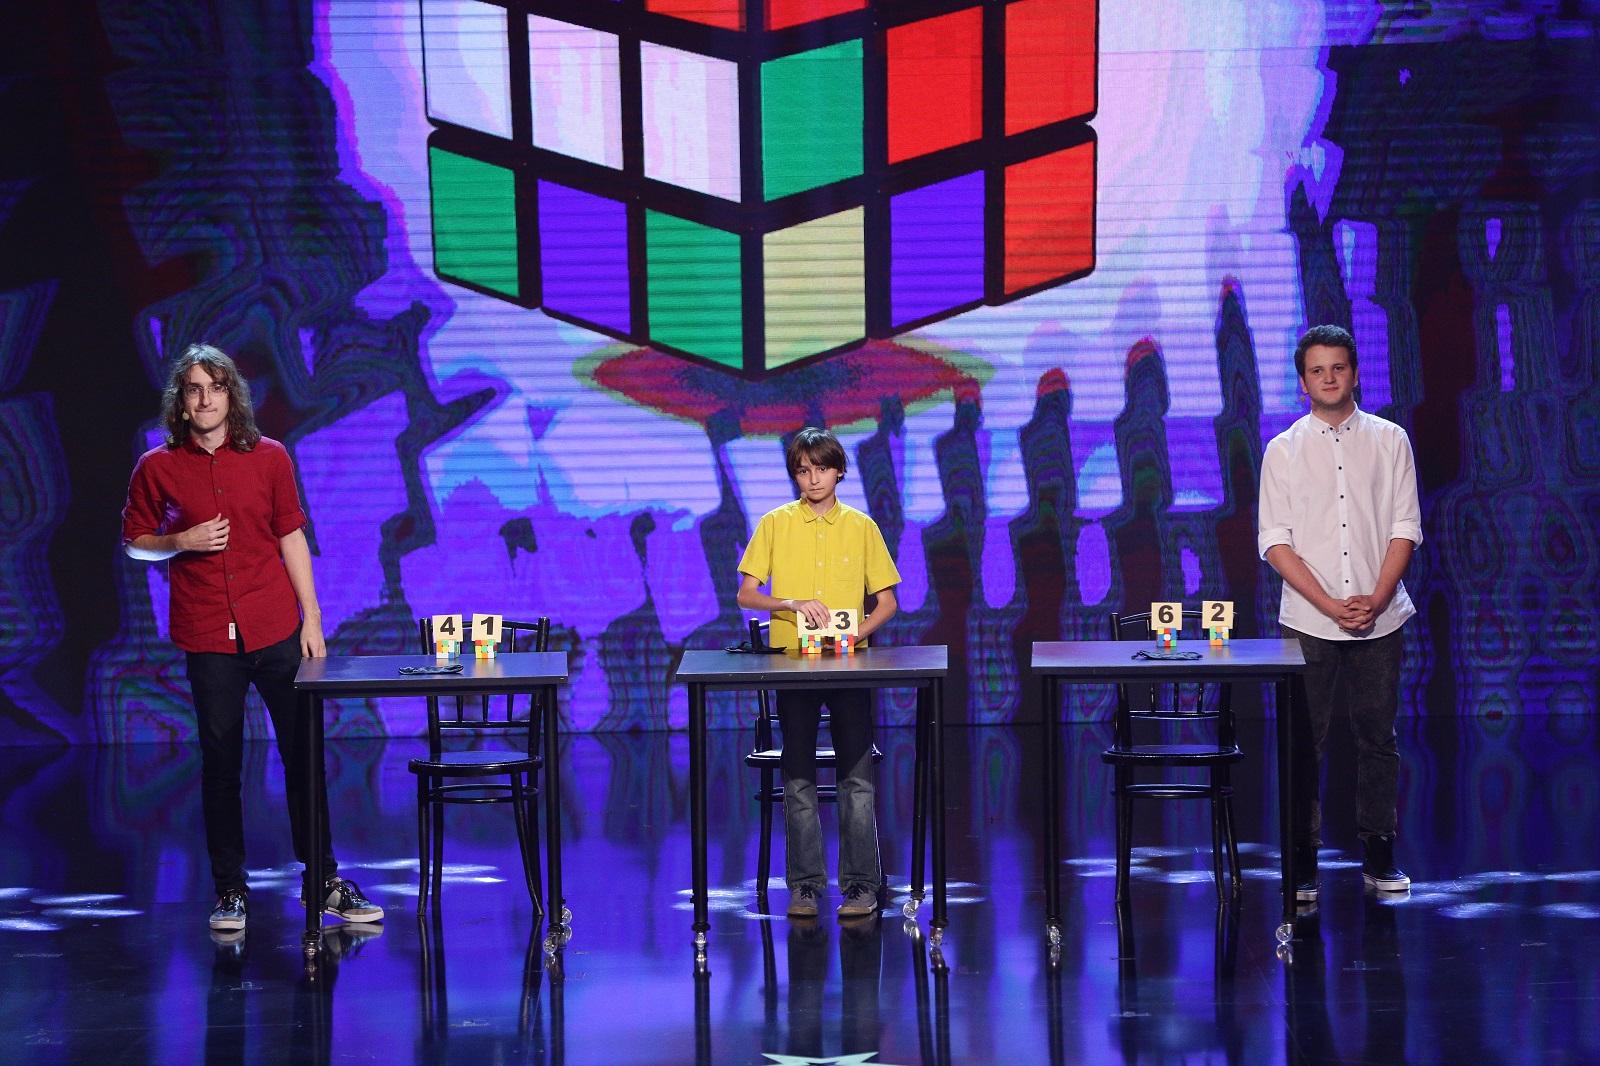 Impact.ro: Blestemul câștigătorilor de la Românii au Talent. Ce s-a ales de viața lor și de banii câștigați, după ce au strălucit la PRO TV